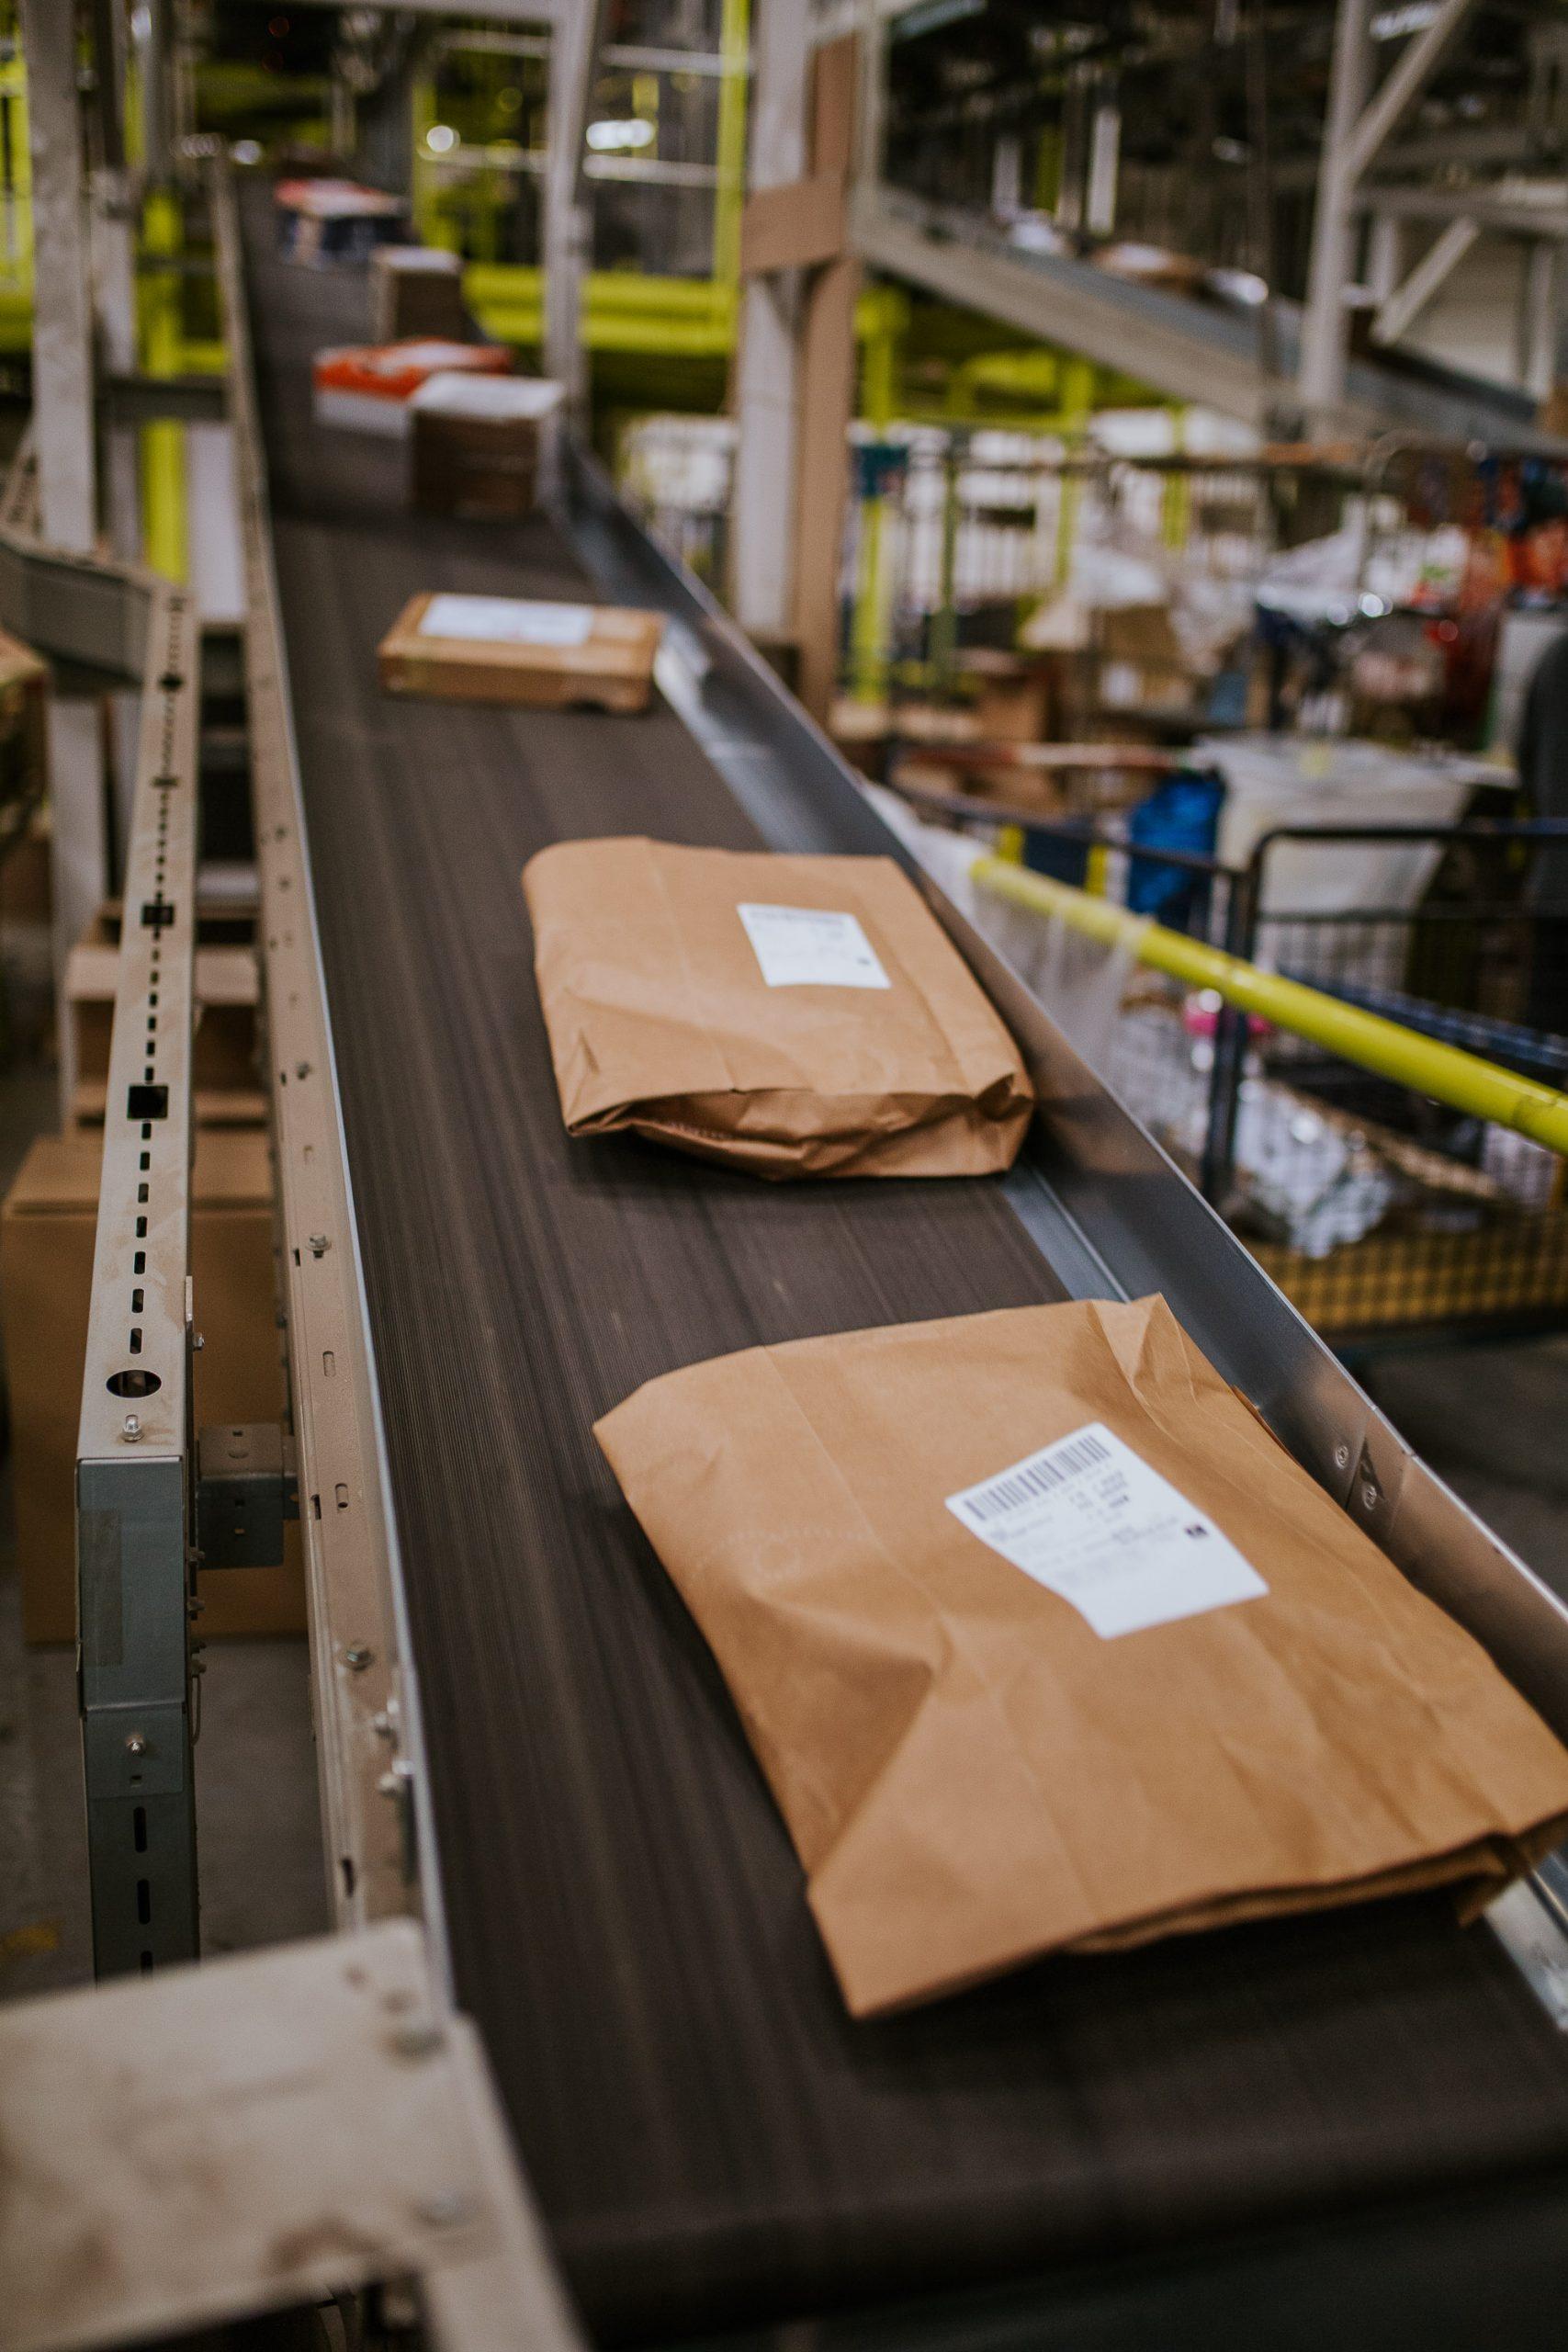 Los servicios de logística vinculados al e-commerce generaron un volumen de ingresos de 2.300 M€ en 2020, un 24,3% más que en 2019